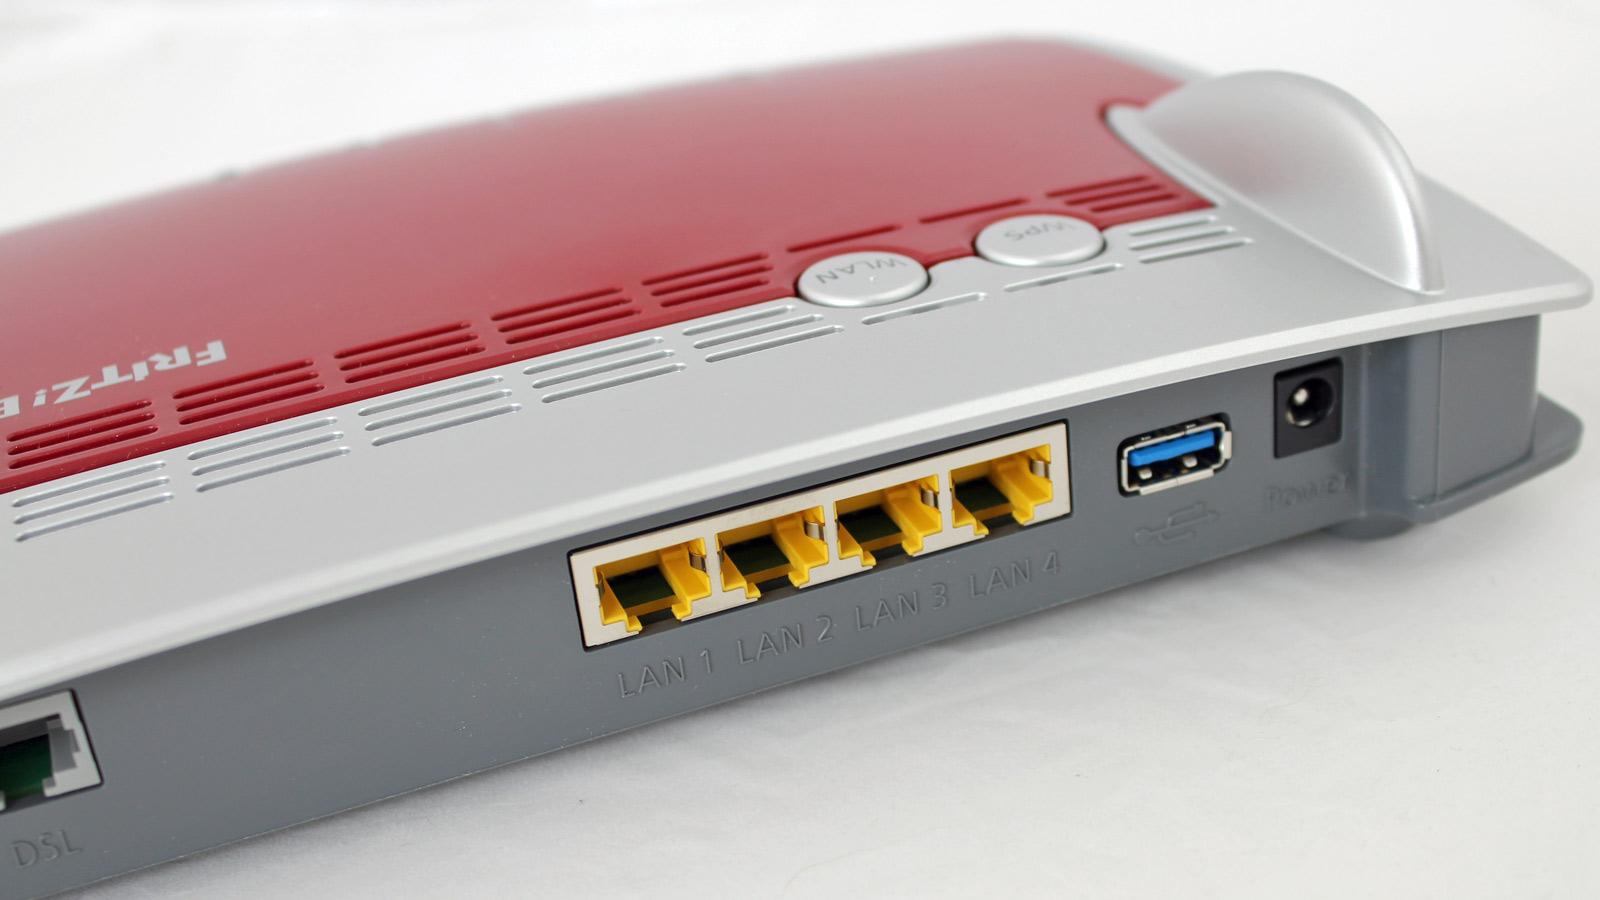 AVM FritzBox 3490 review ports - Condividere i nostri file all'interno del WiFi di casa con un dispositivo USB